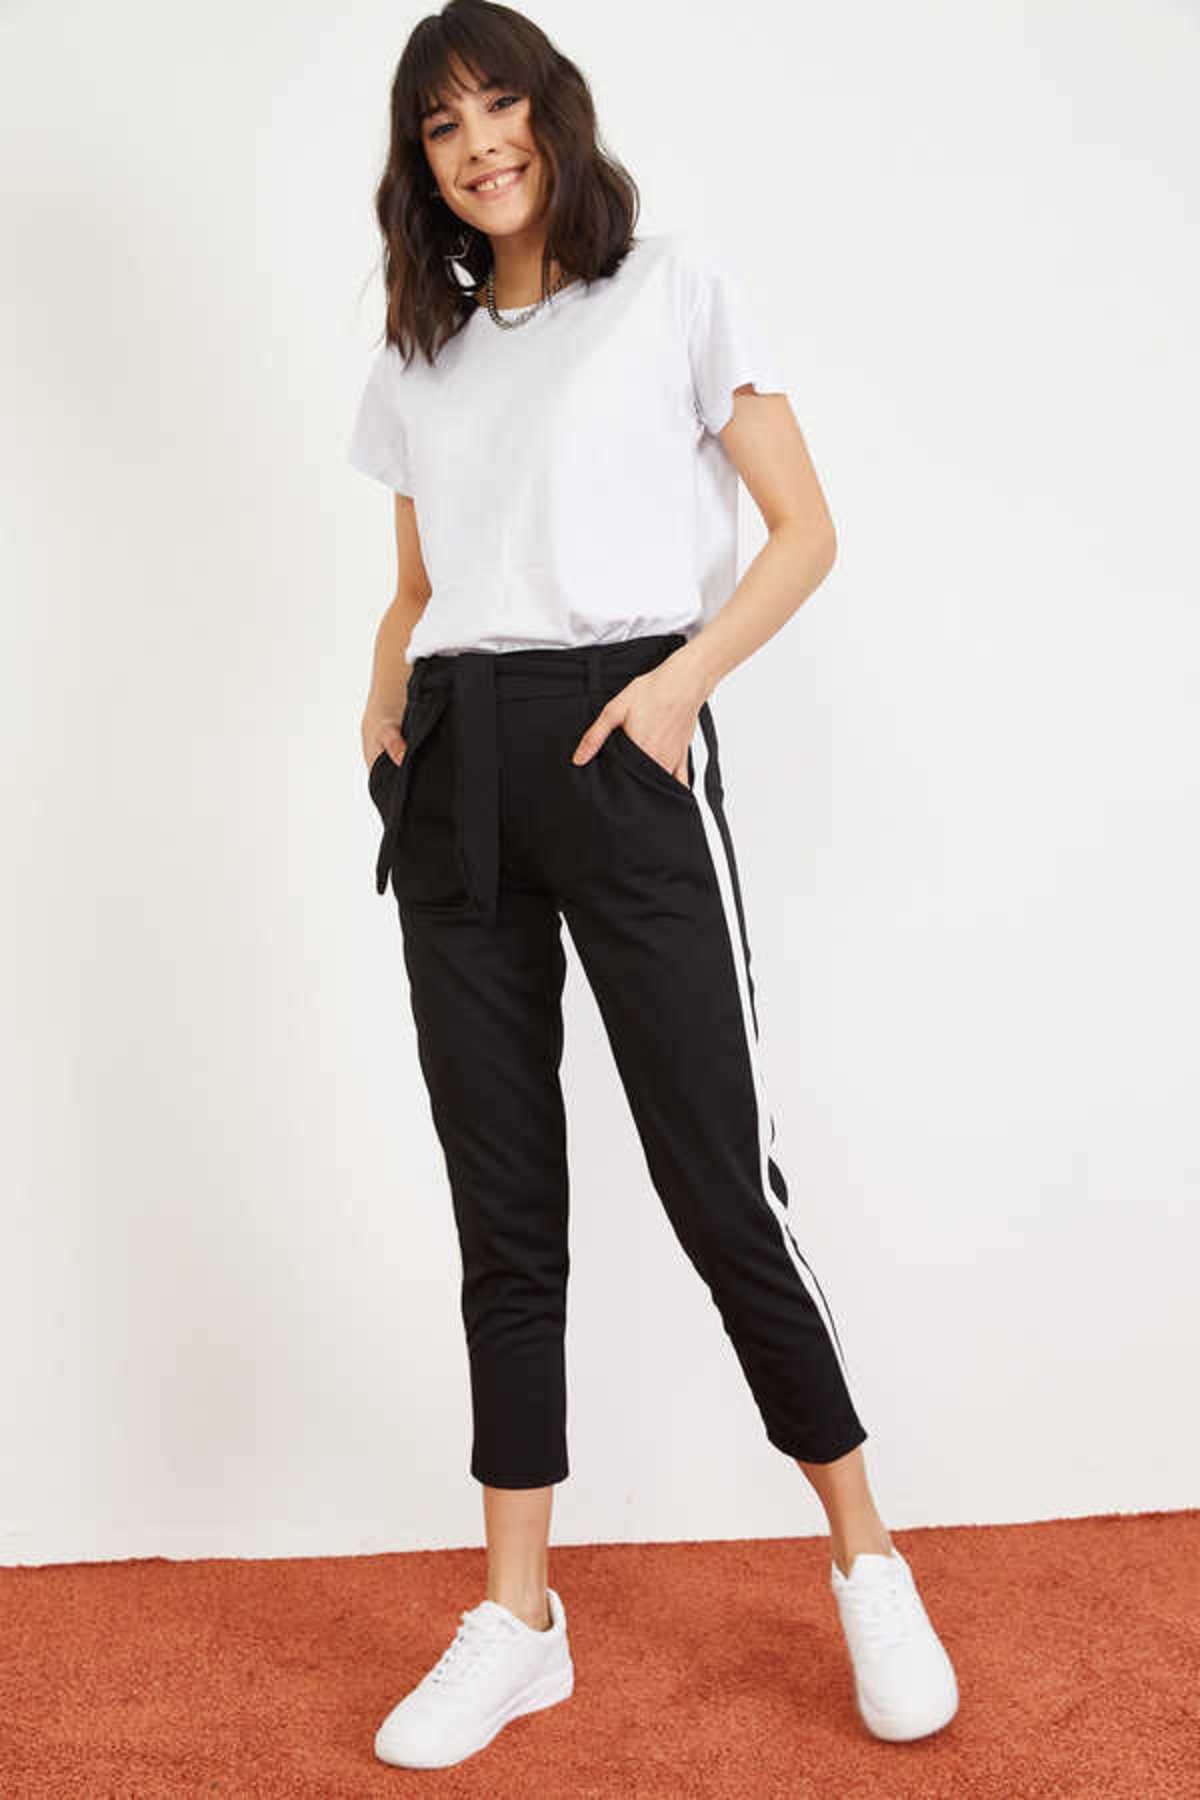 Bianco Lucci Kadın Siyah Yan Şerit Beli Lastikli Crep Pantolon 10021046